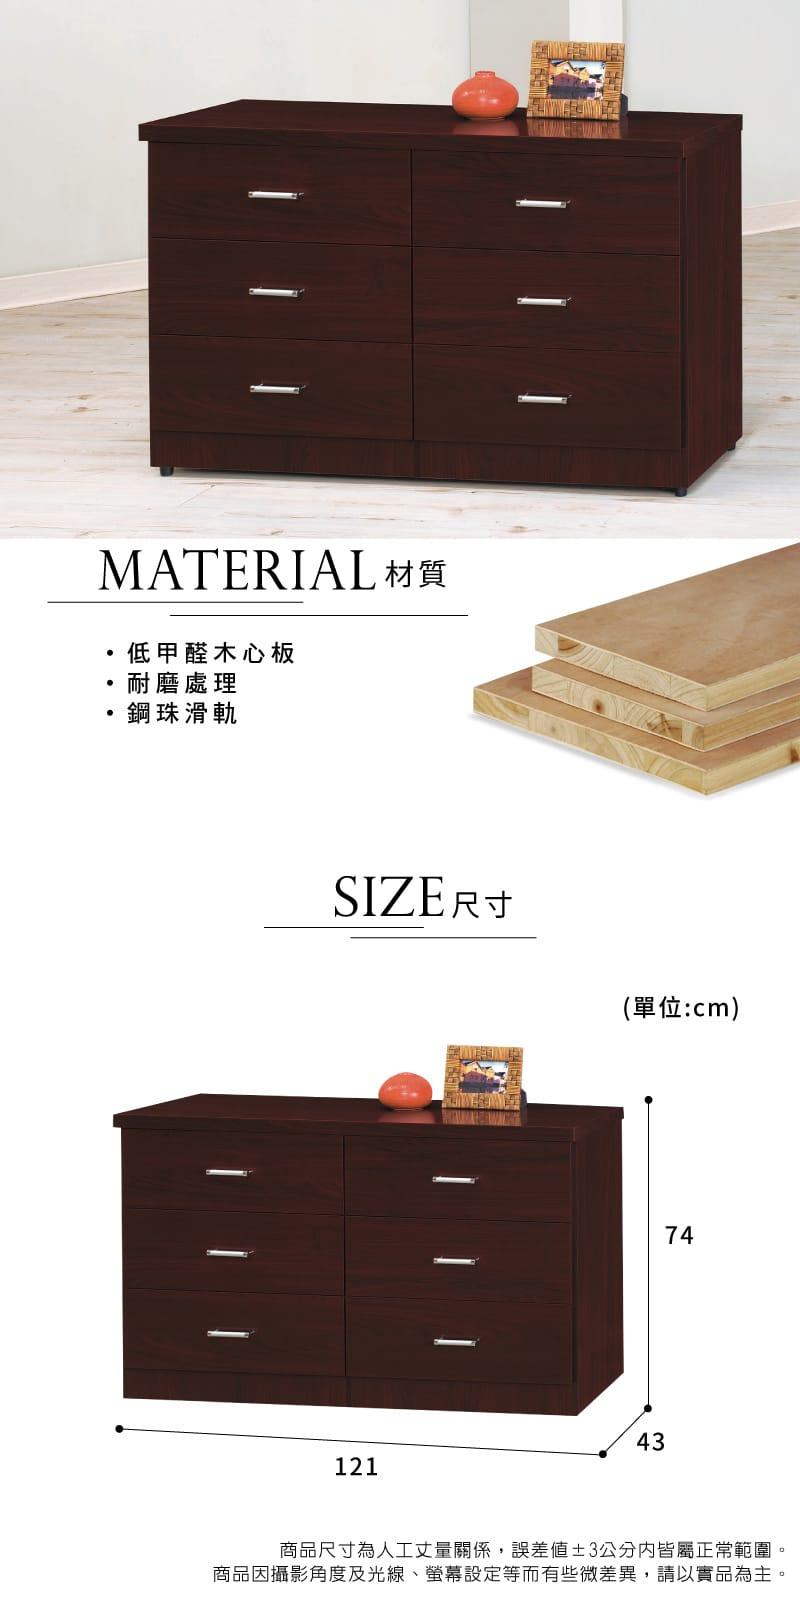 收納置物六斗櫃 寬121cm